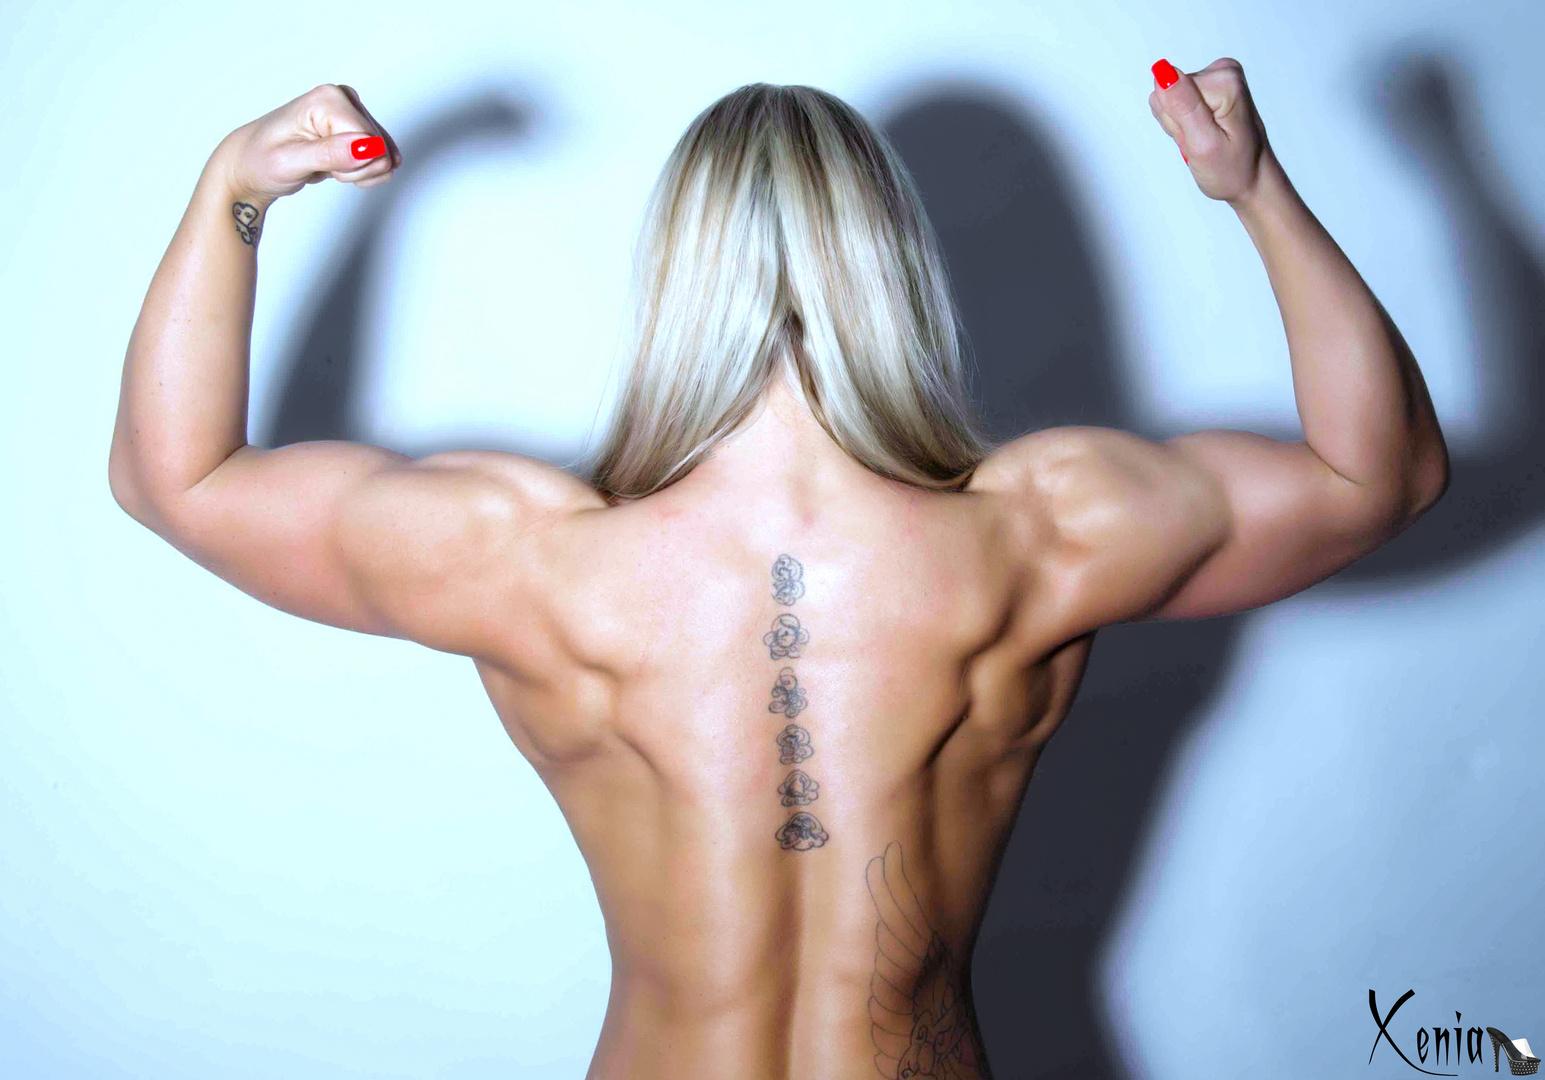 Auch ein schöner Rücken, kann entzücken ;-)